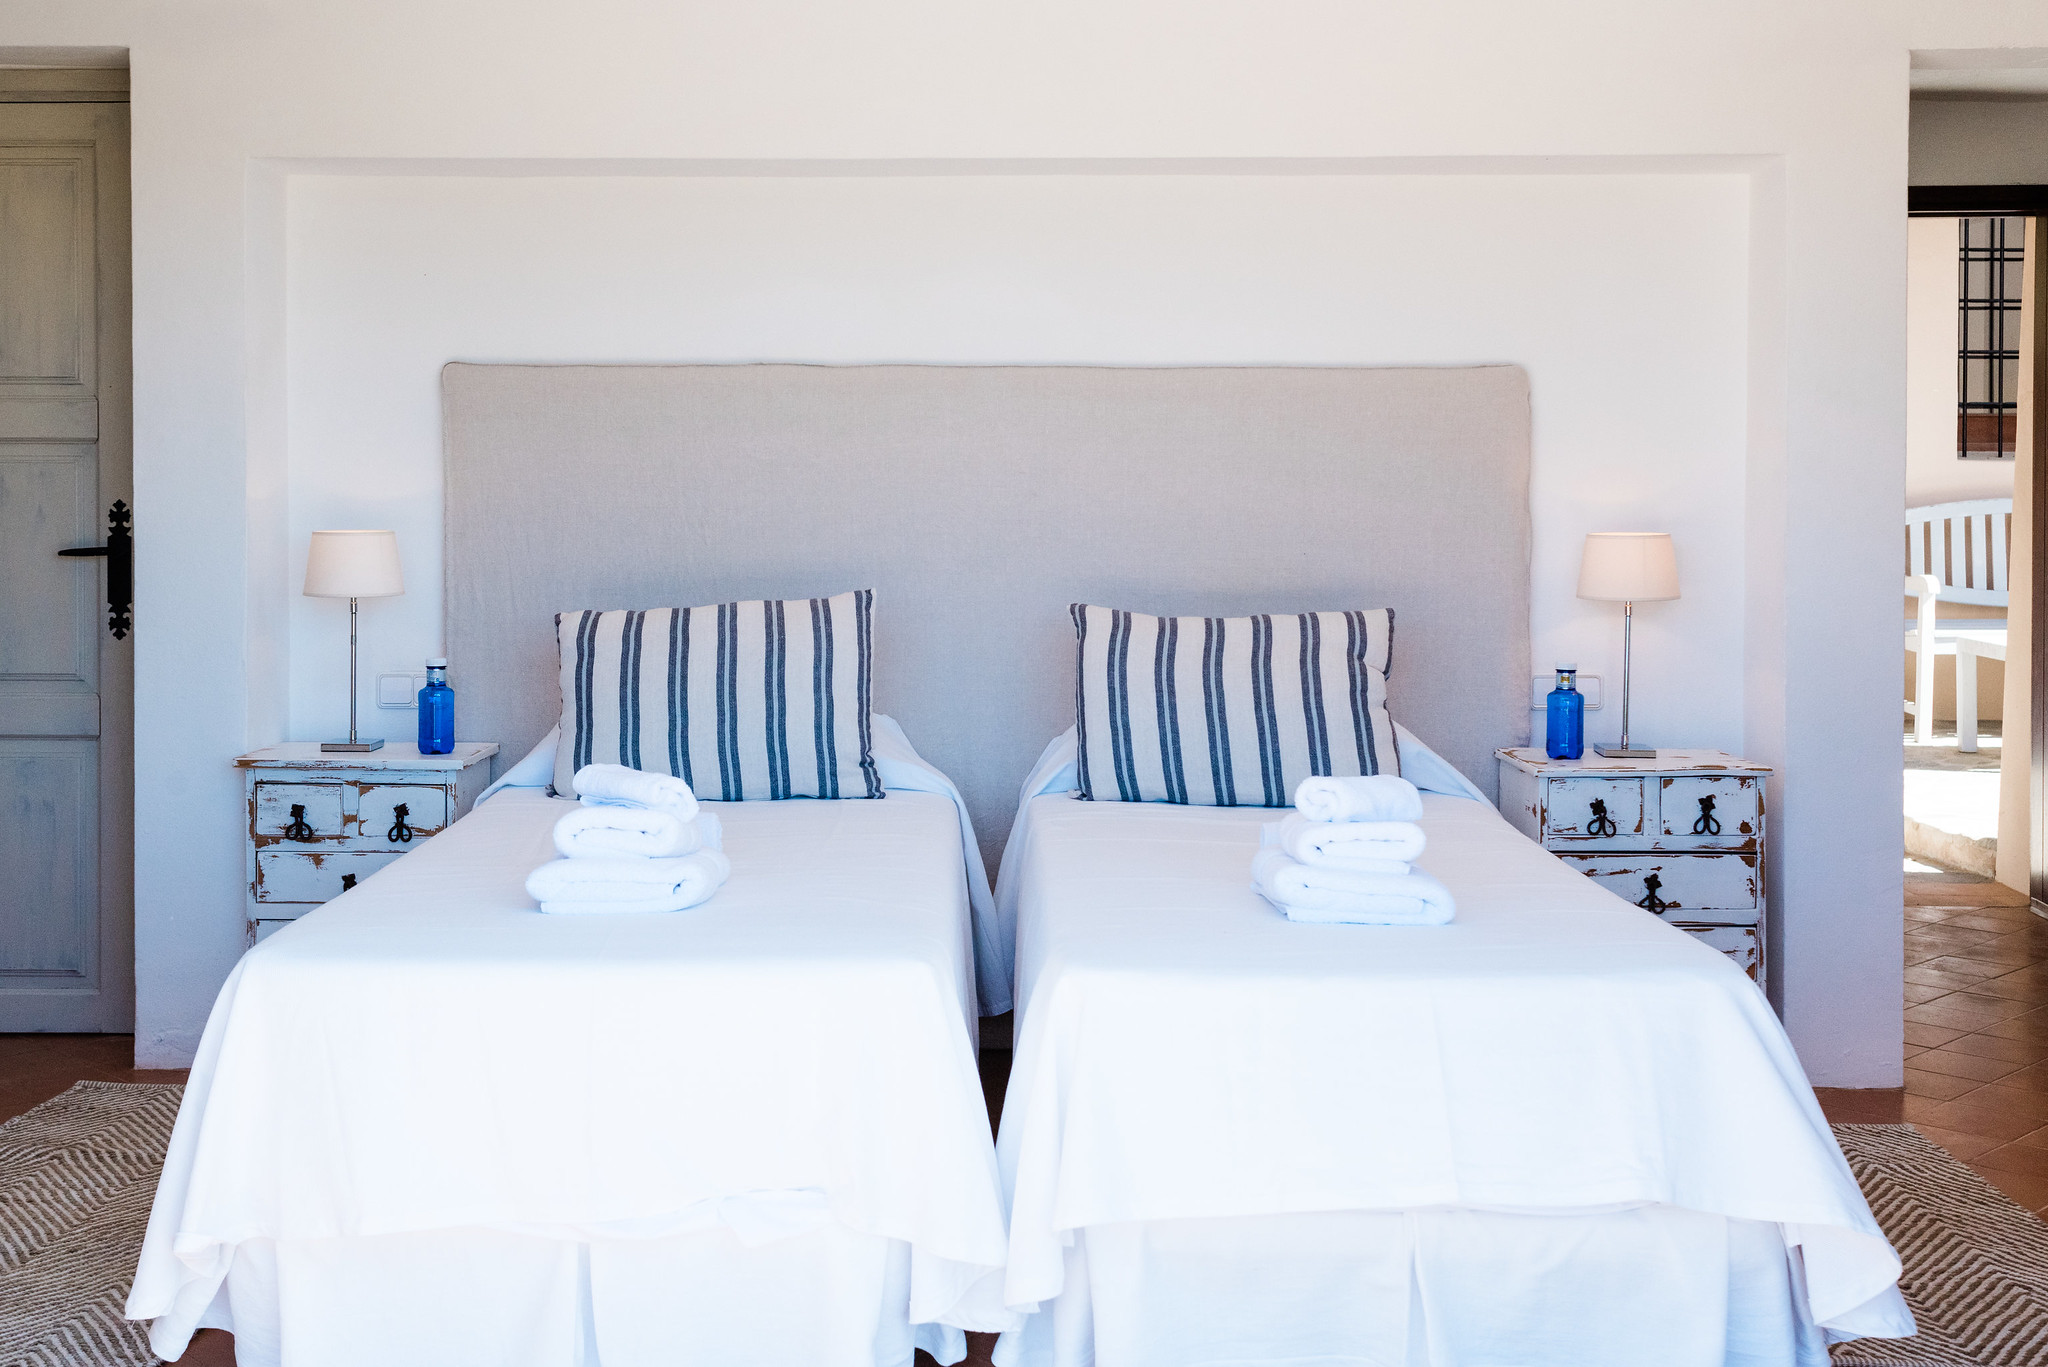 https://www.white-ibiza.com/wp-content/uploads/2020/06/white-ibiza-villas-villa-andrea-interior-bedroom4.jpg